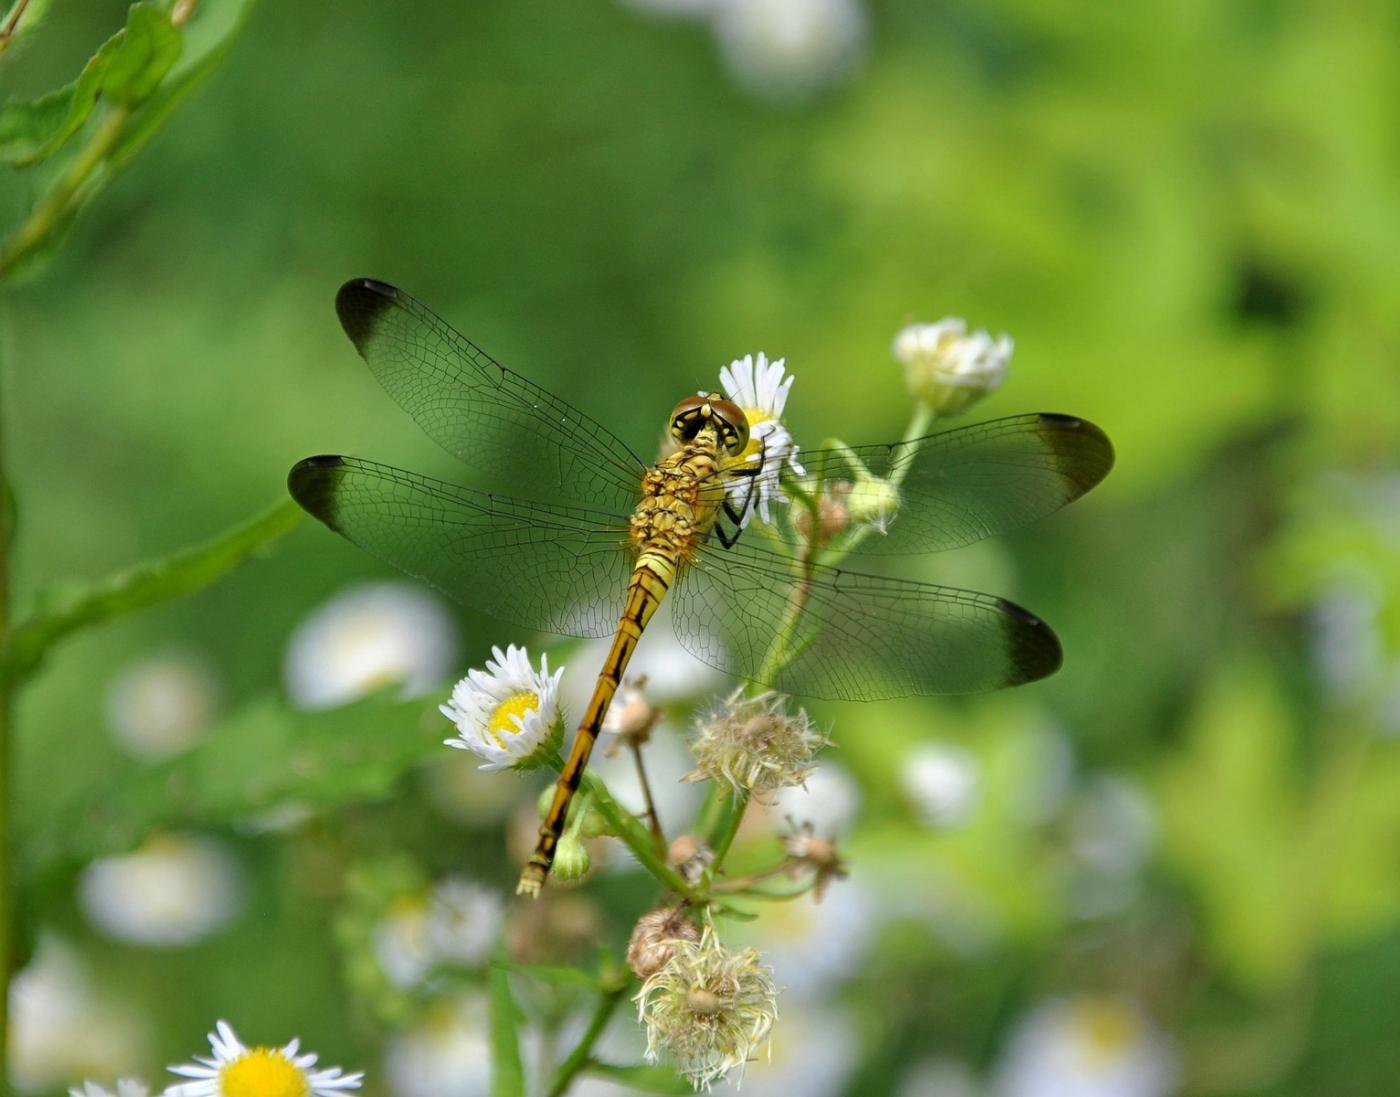 Odonata2_DSC_0235.jpg - кликните, чтобы открыть увеличенную картинку